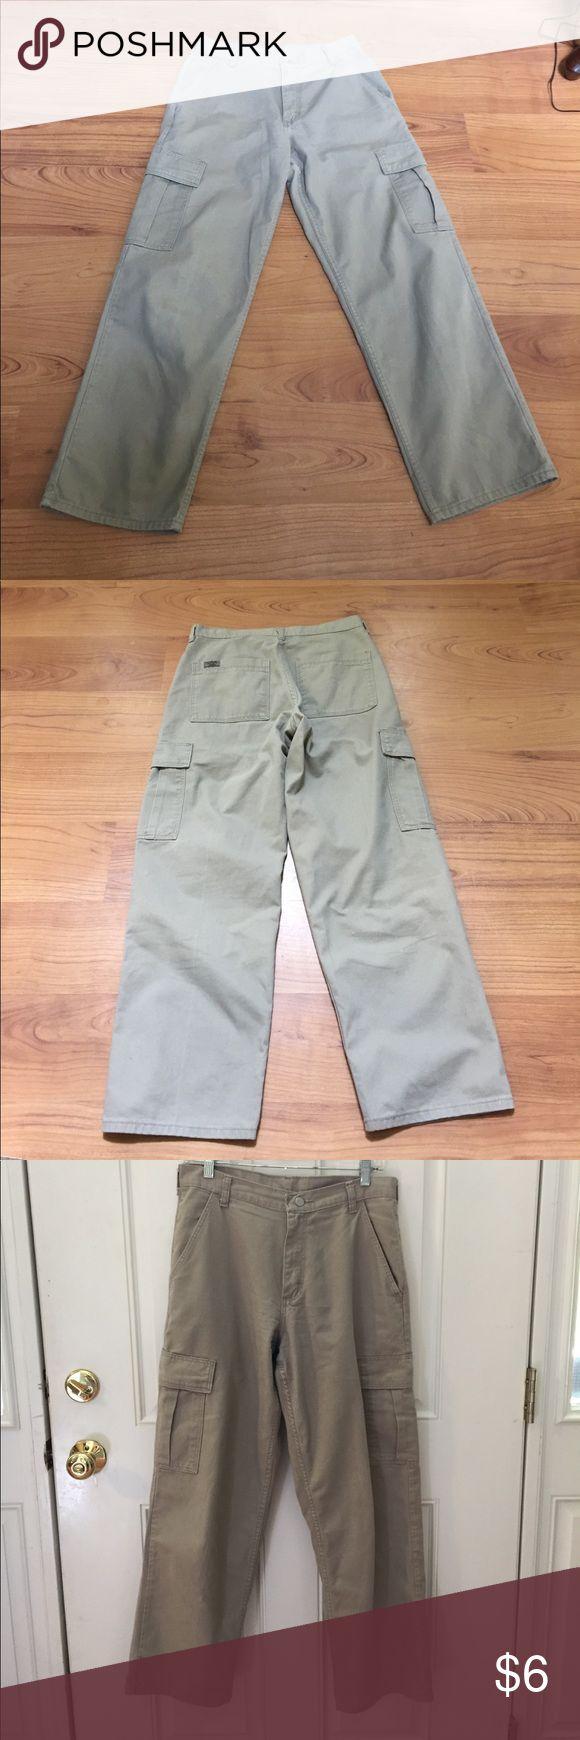 """Wrangler green chinos or khaki pants 29""""x 30"""" men Wrangler chinos  beige 29"""" x 30"""" in good used Wrangler Pants Chinos & Khakis"""